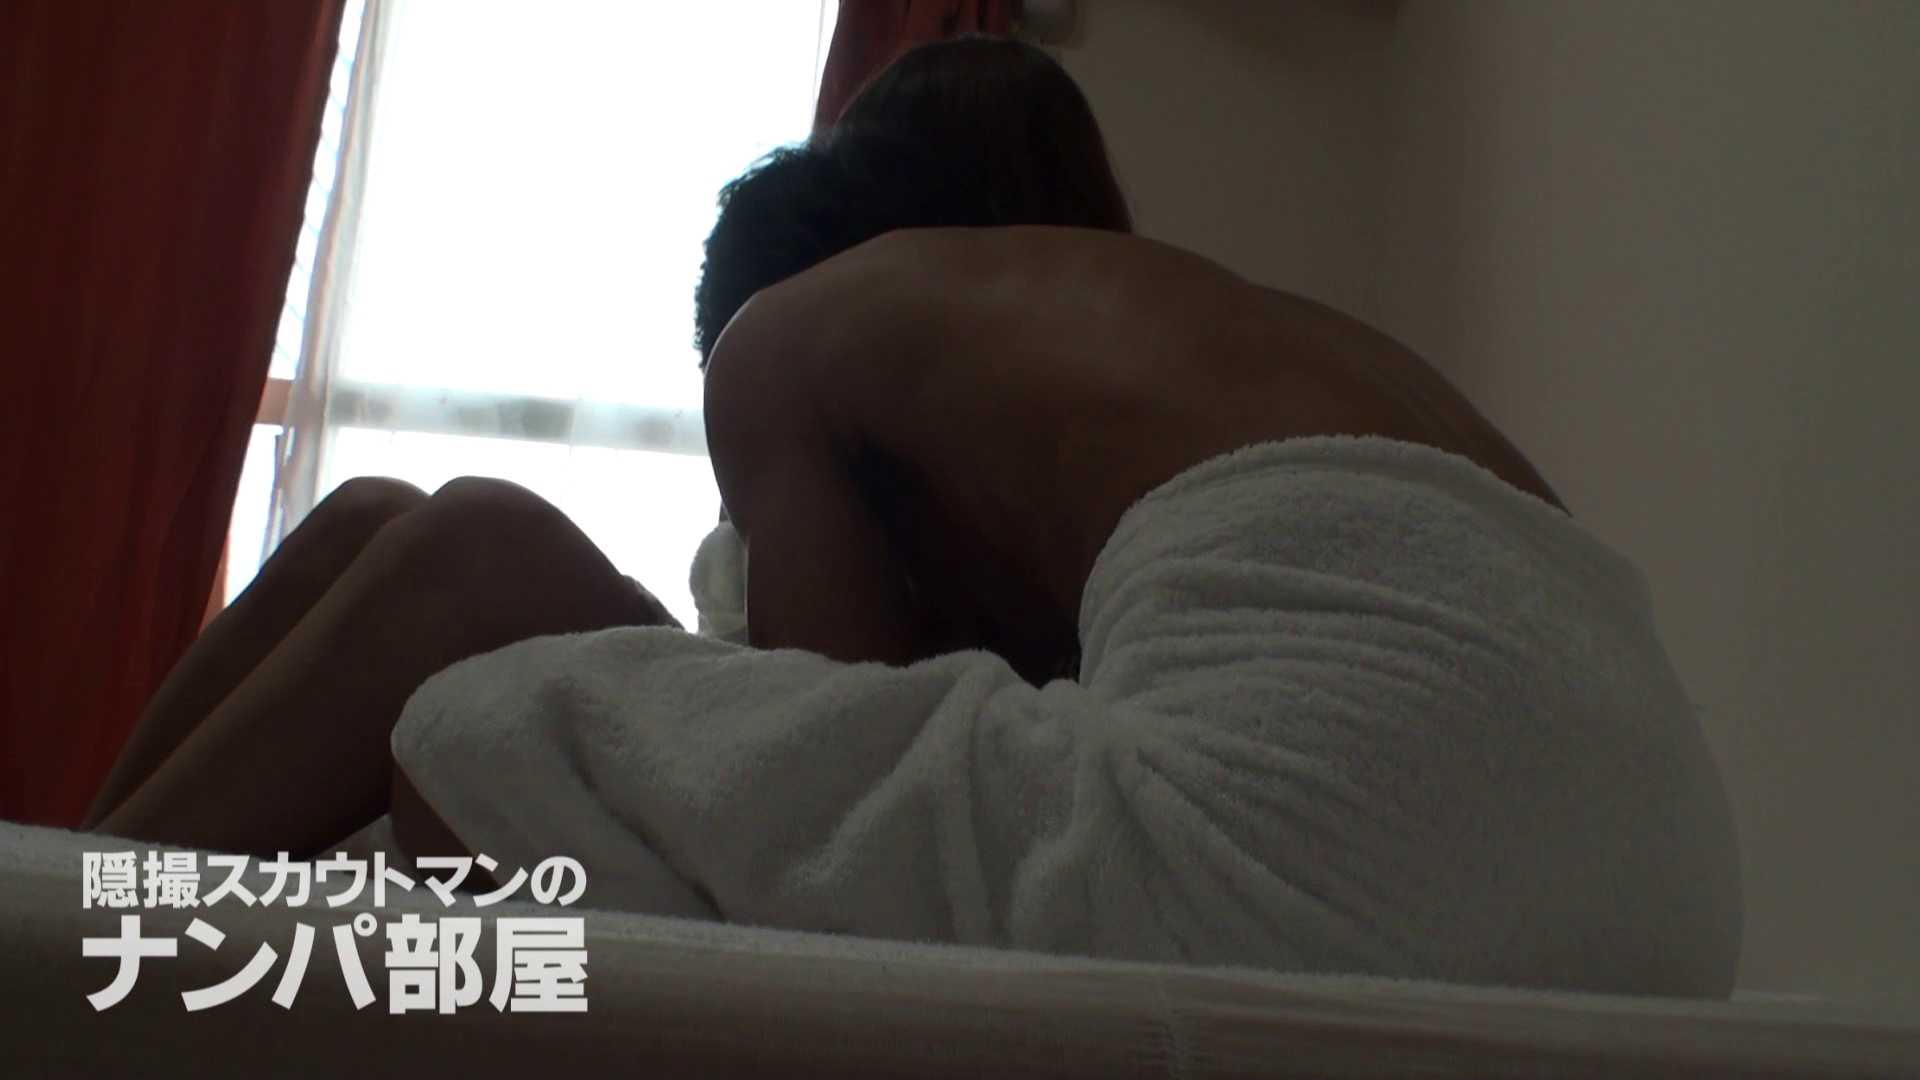 隠撮スカウトマンのナンパ部屋~風俗デビュー前のつまみ食い~ sii 隠撮   脱衣所  67pic 40